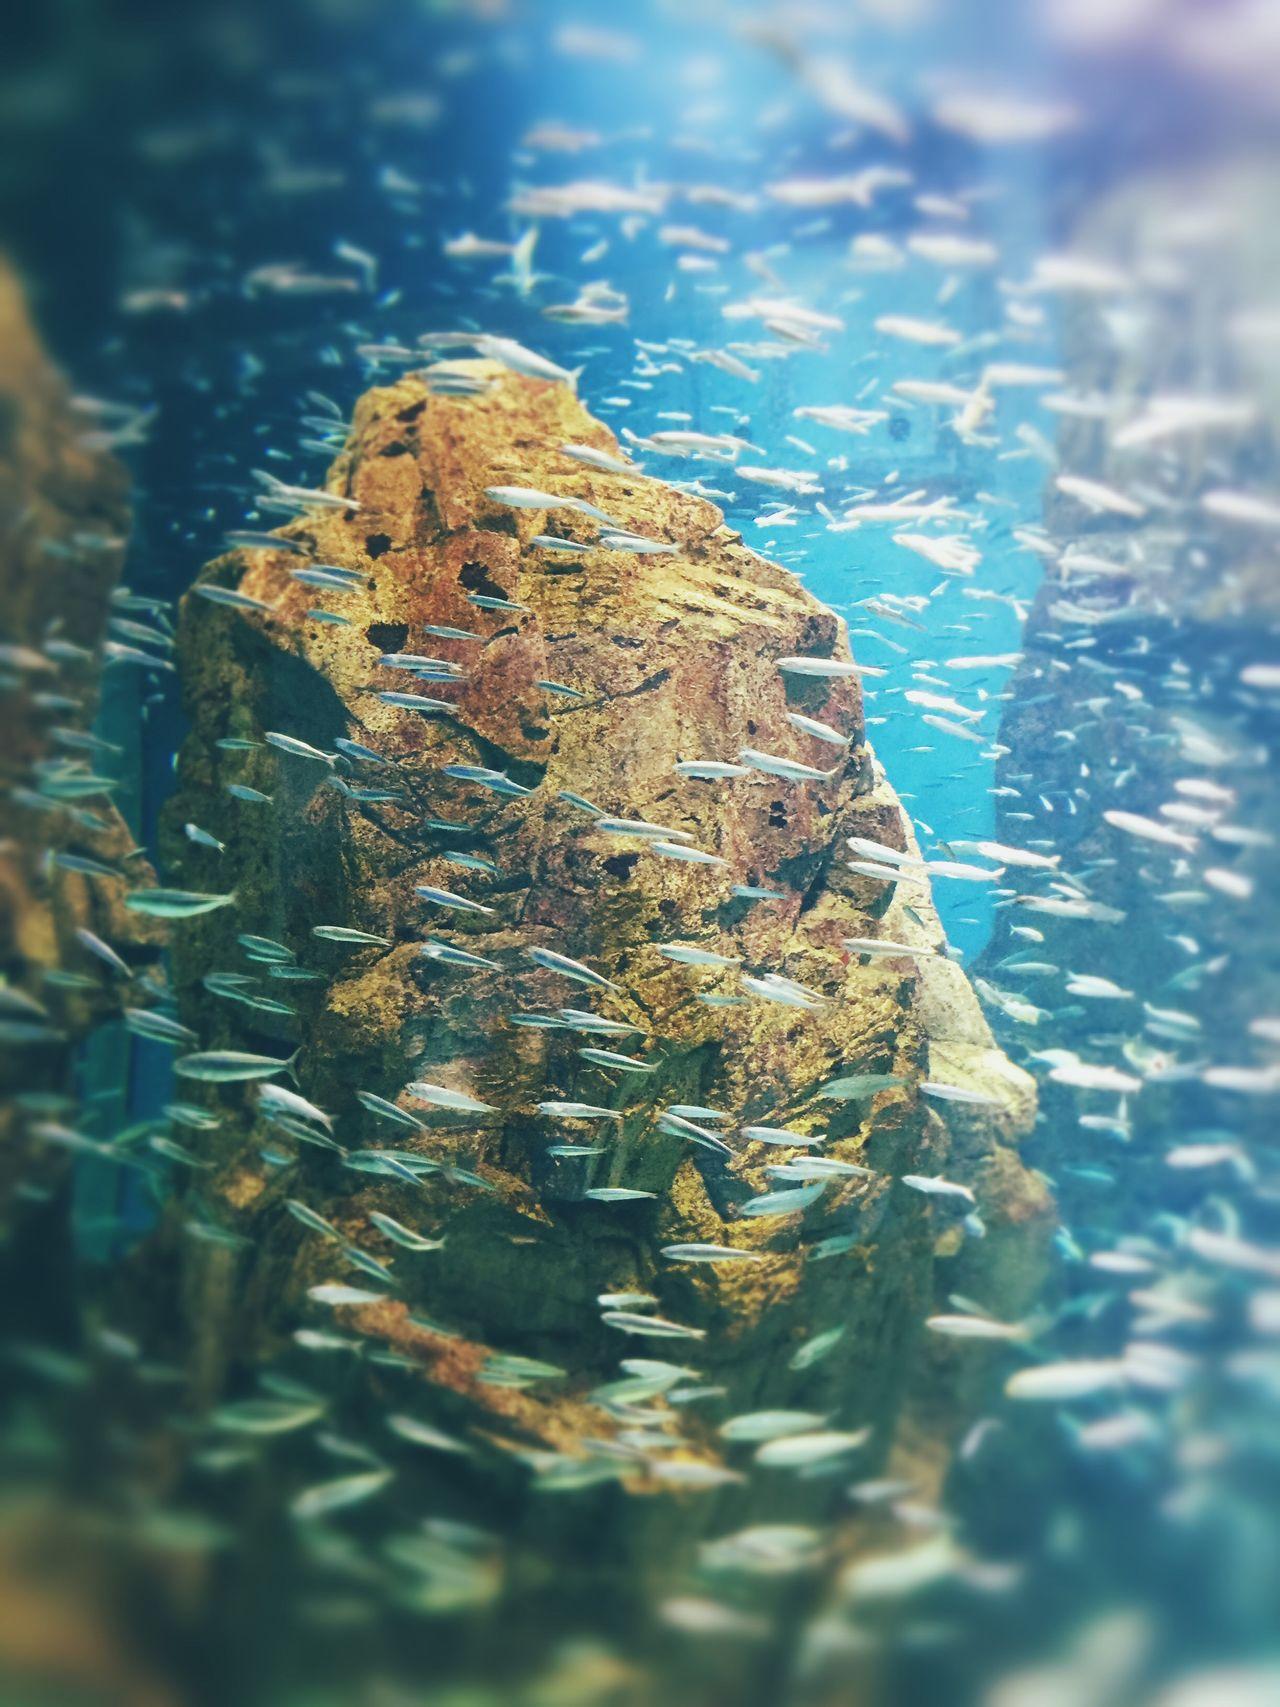 카이유칸- Water 물고기 카이유칸 일본 Japan Osaka, Japan